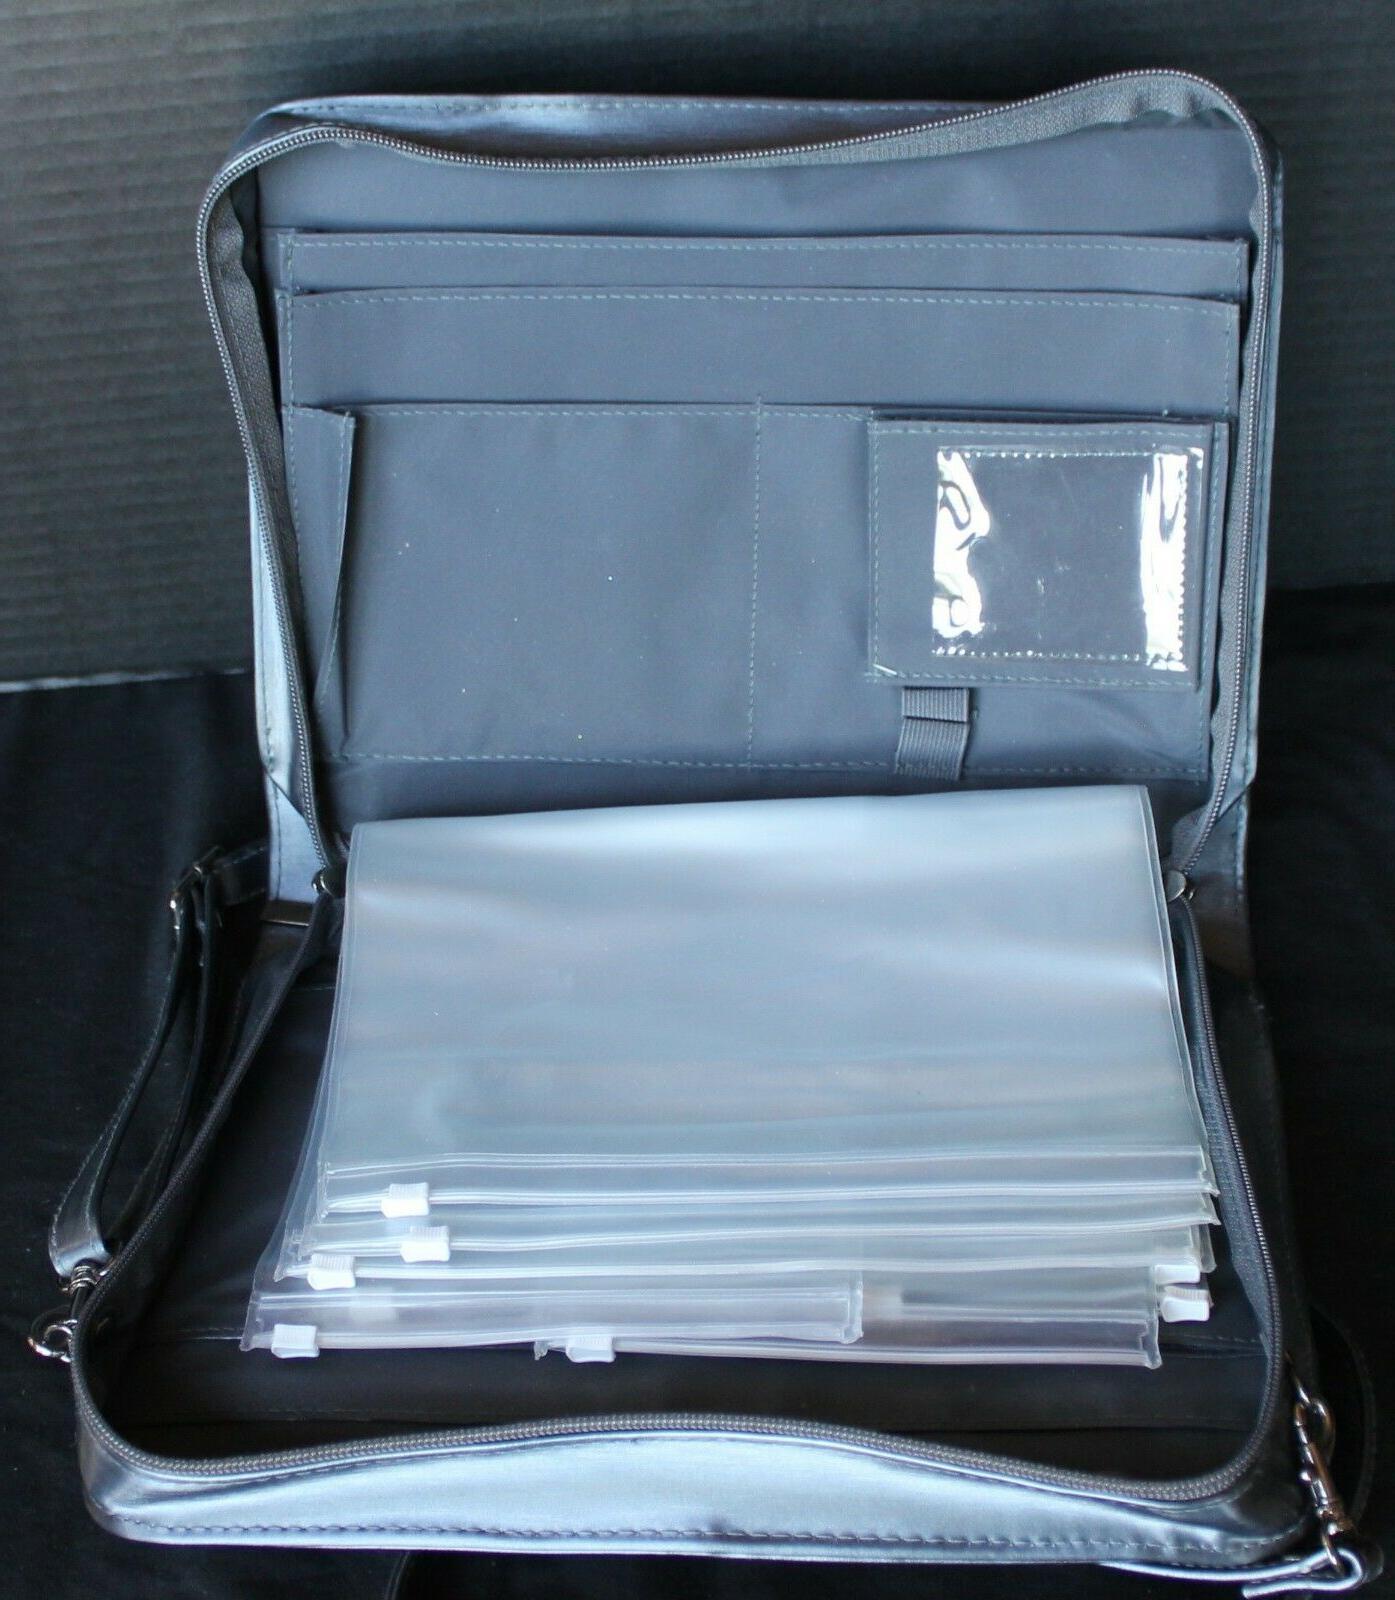 consultant sample binder w shoulder strap great